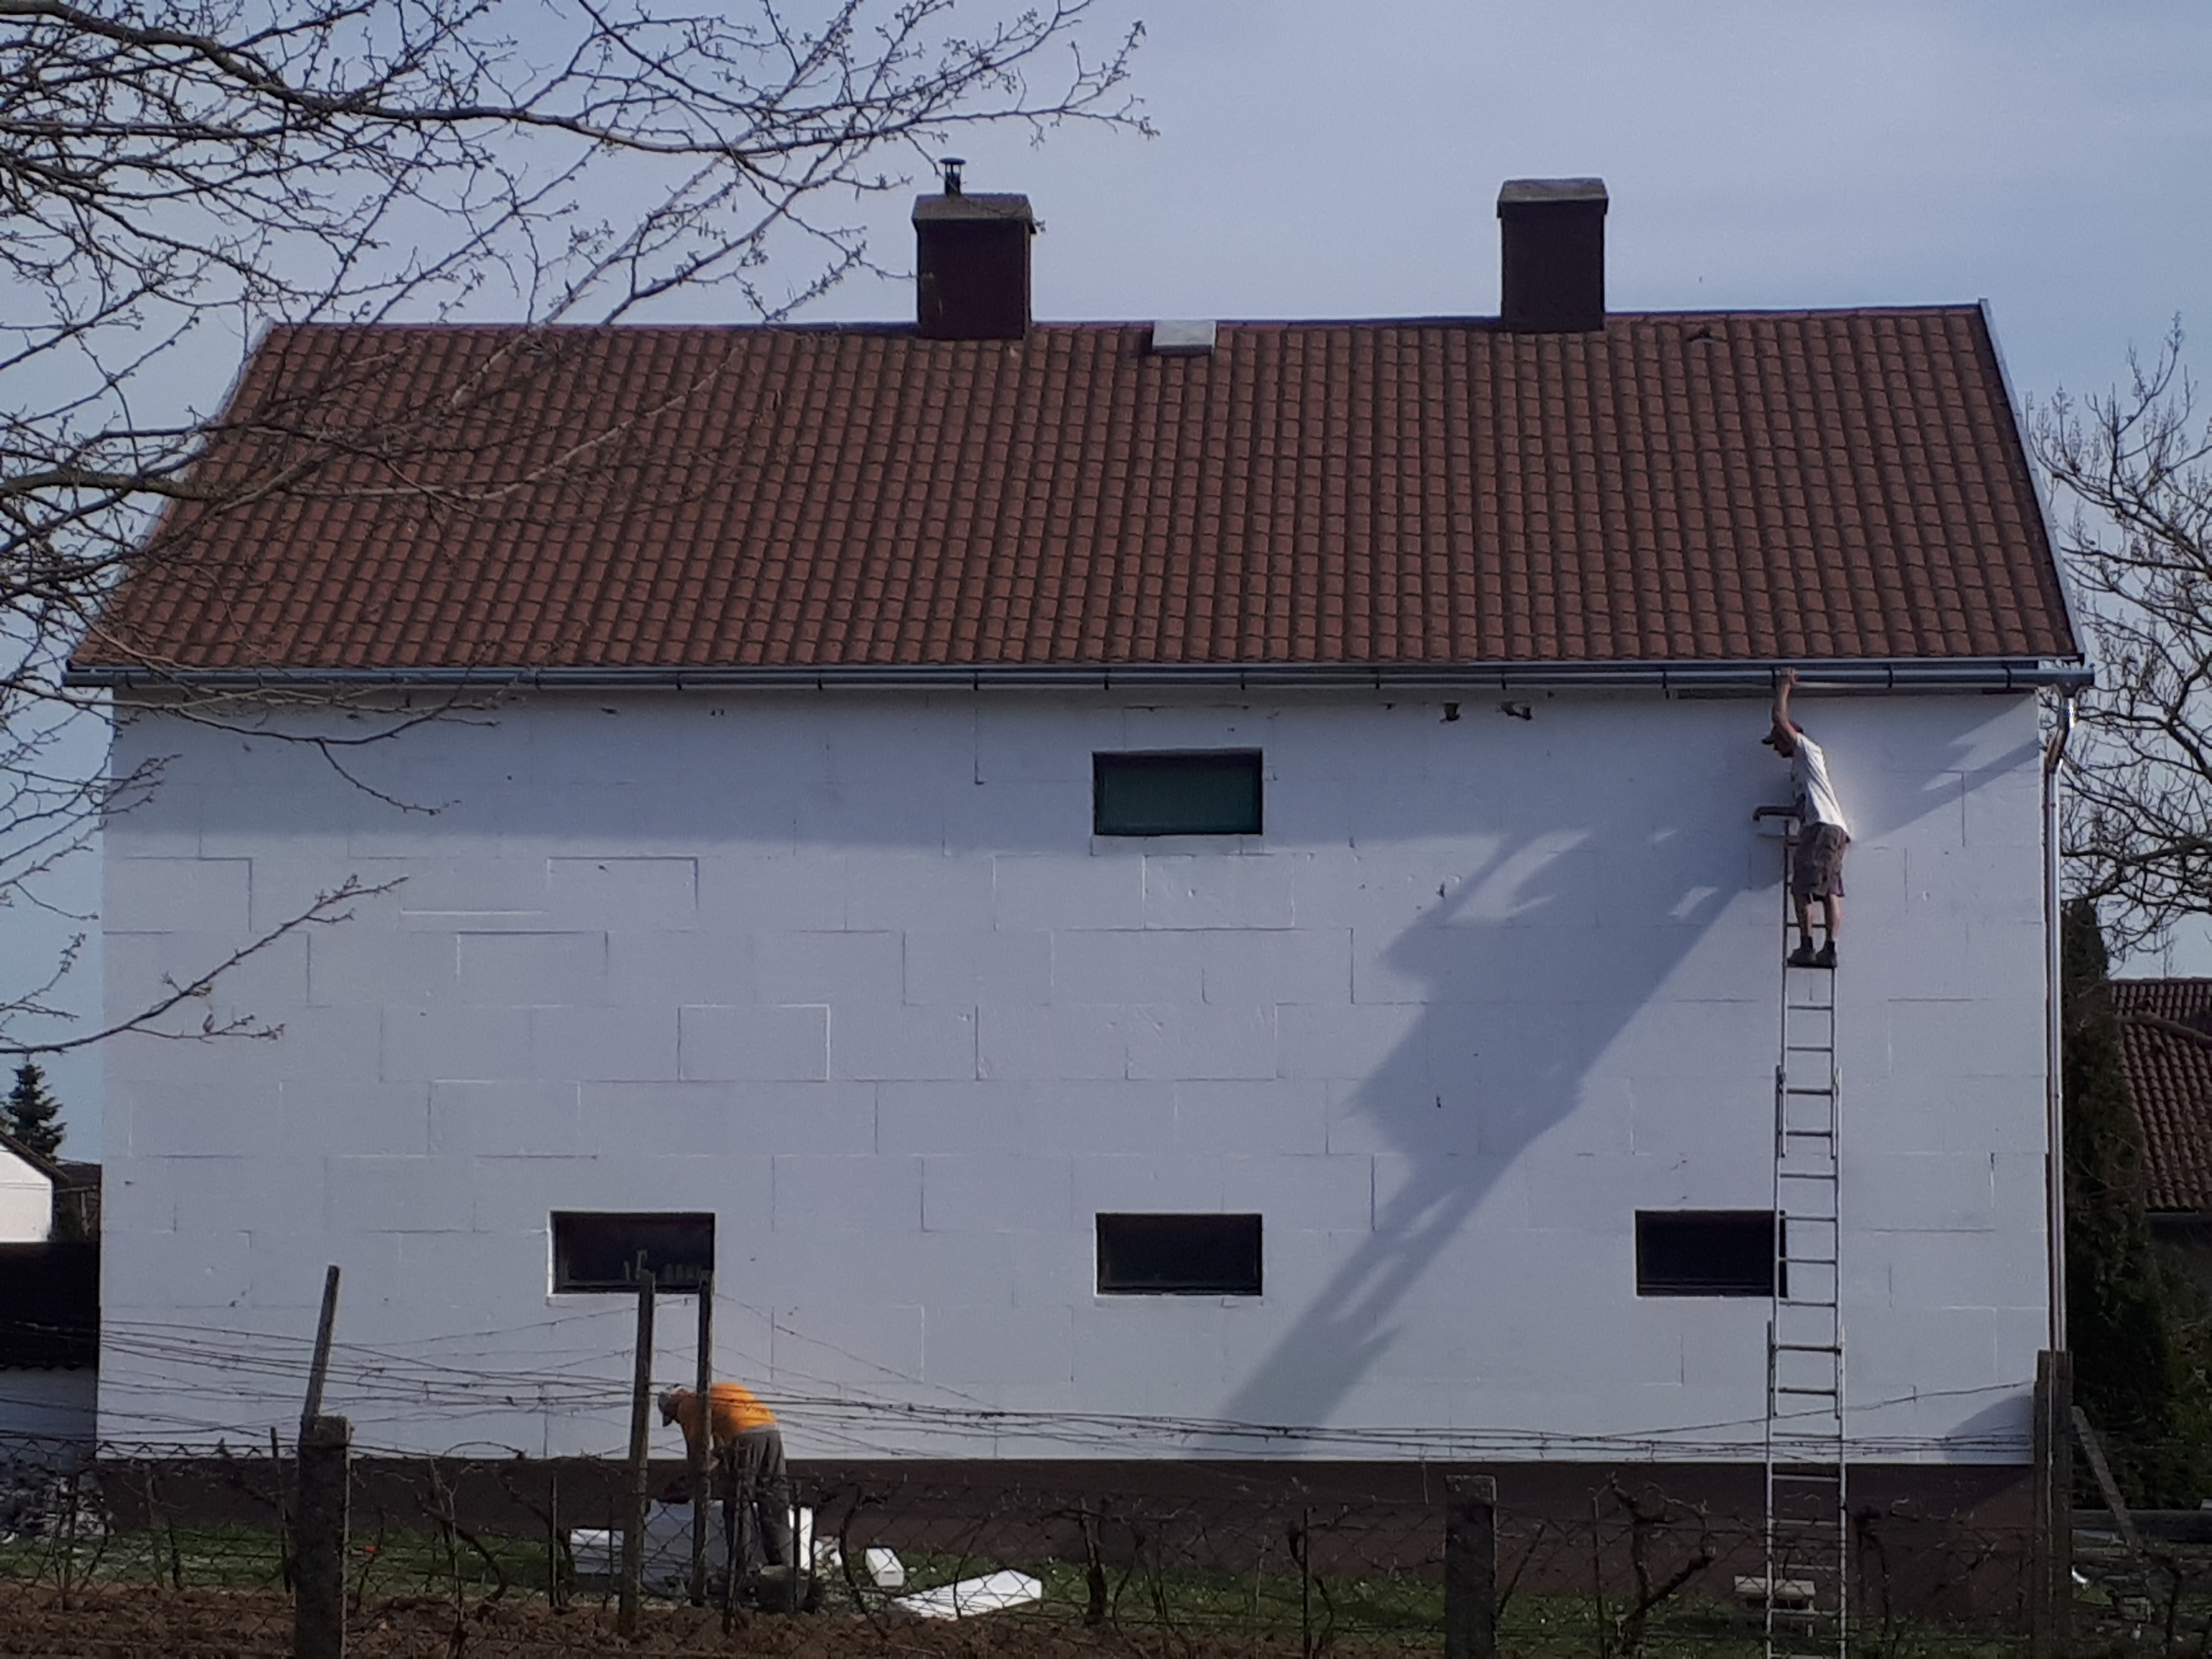 Palatető felújítás Gelénes, palatető szigetelés GelénesCsaládi ház palatető felújítása